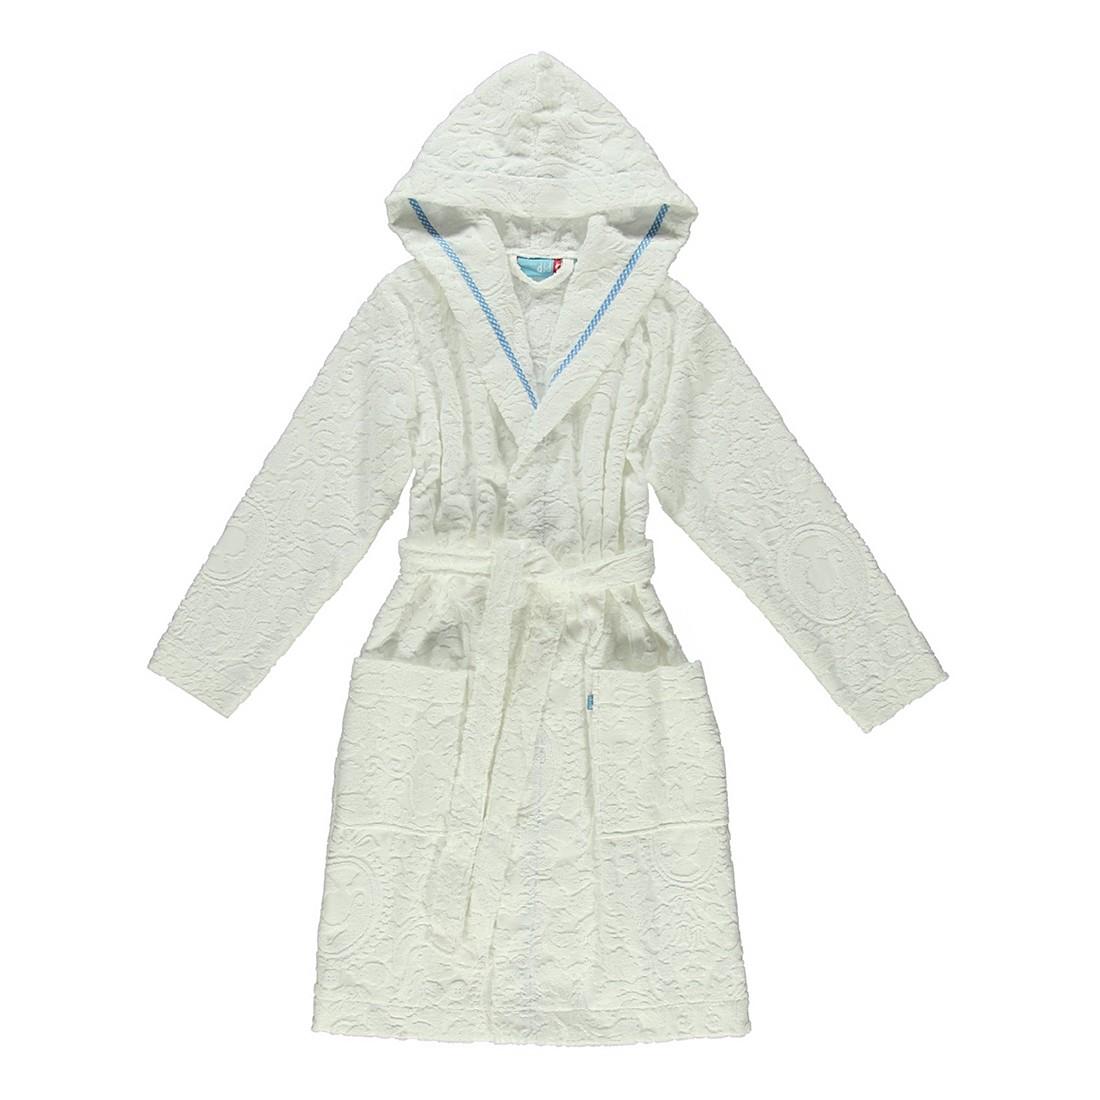 Bademantel Classic – Damen – FRottier – 100% Baumwolle white – Größe: XL, PIP Studio günstig bestellen